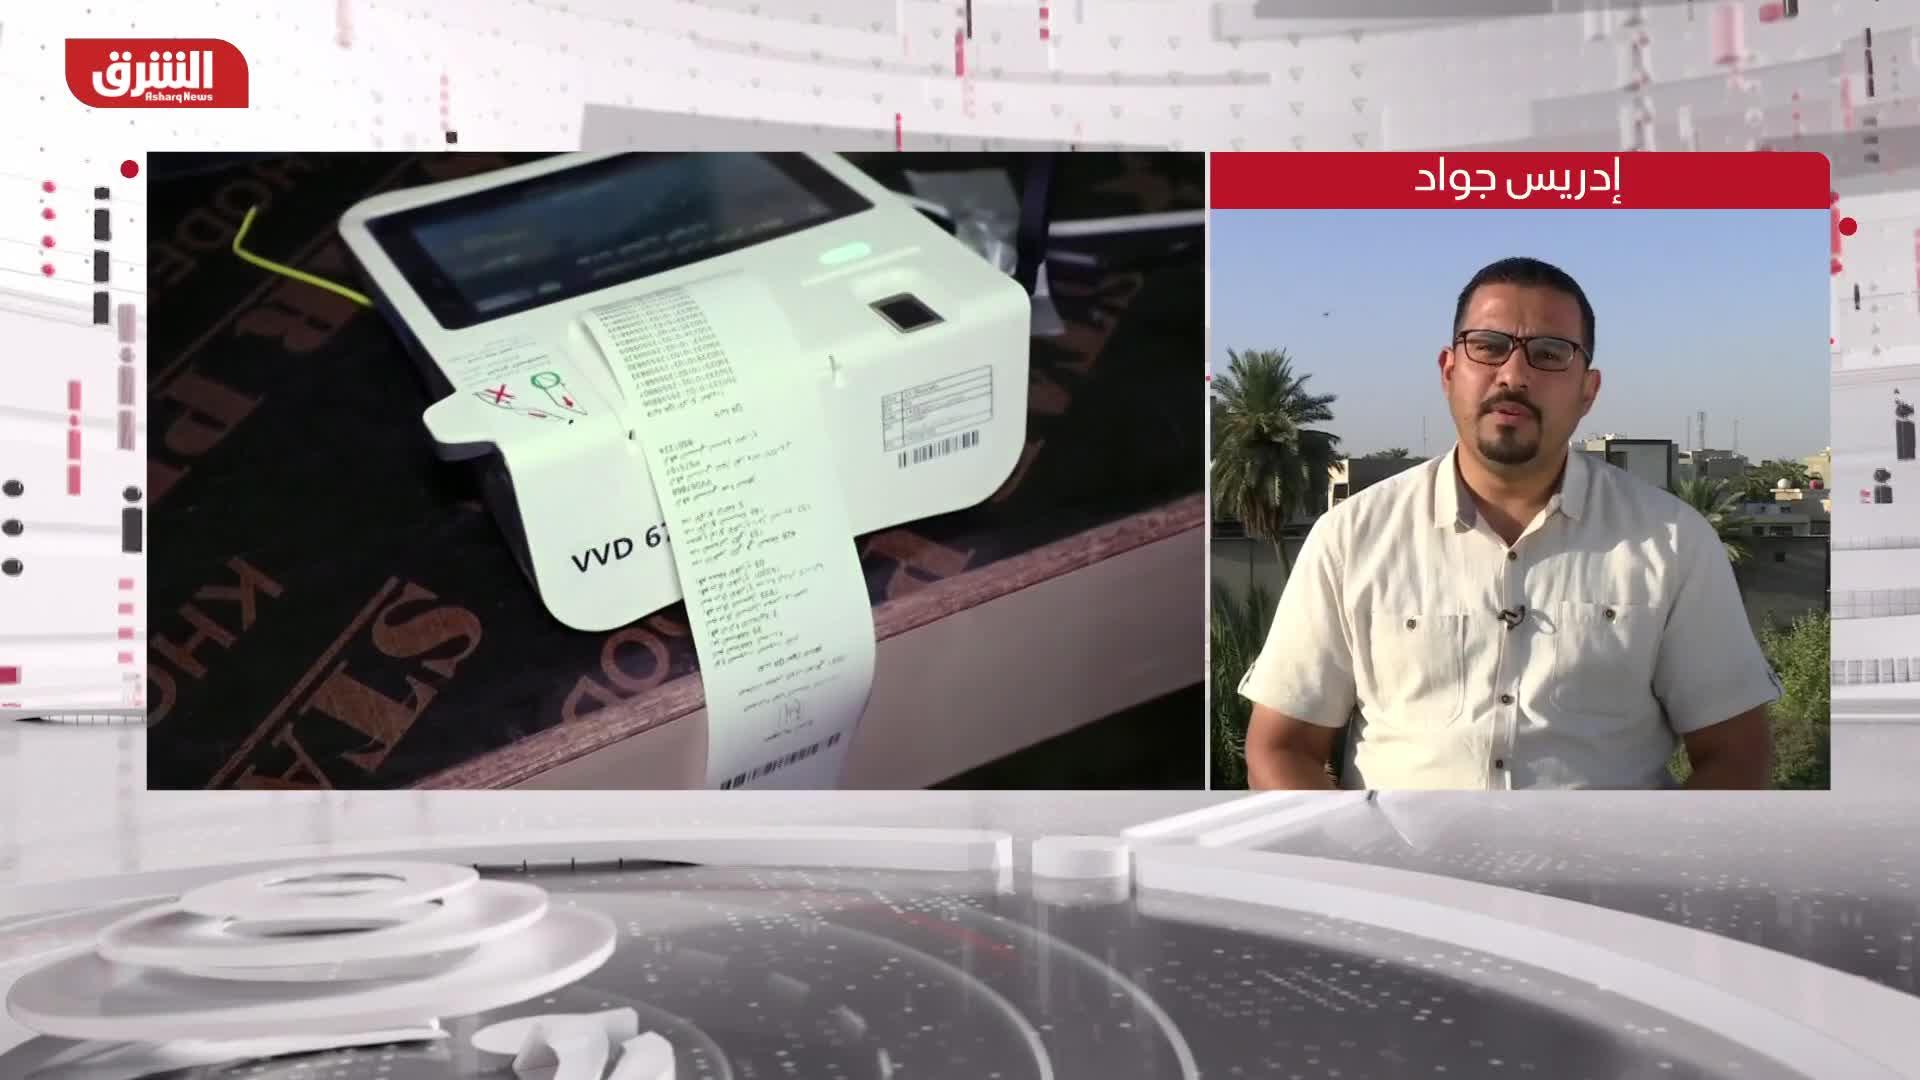 العراق.. احتجاجات في مدن عدة اعتراضًا على نتائج الانتخابات